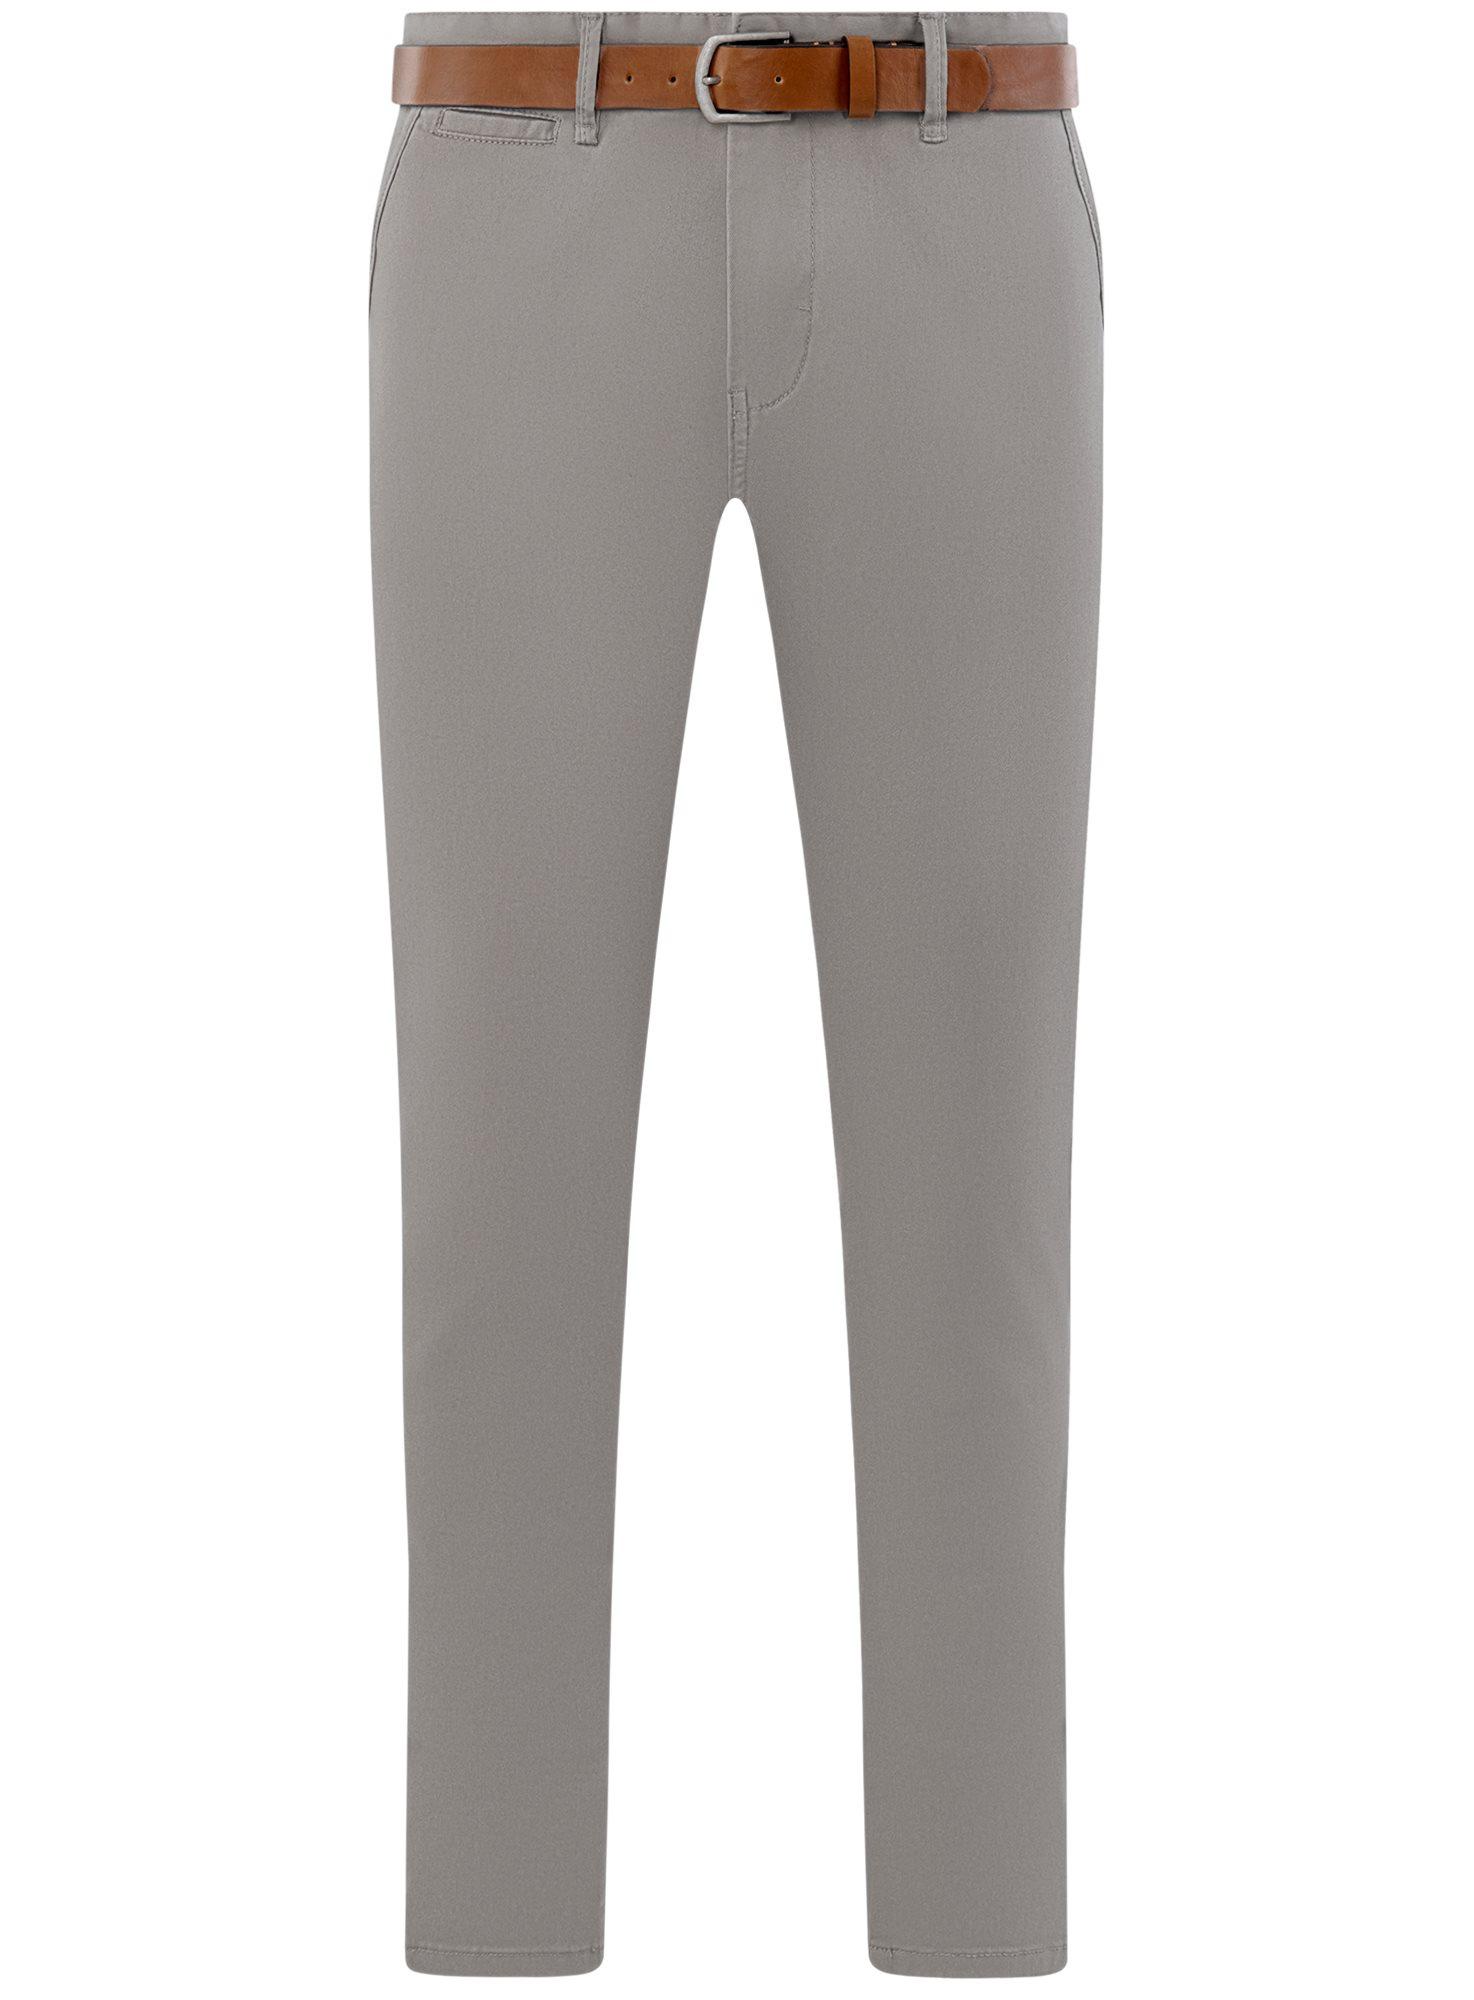 Брюки хлопковые с ремнем oodji для мужчины (серый), 2B150149M/39622N/2300N